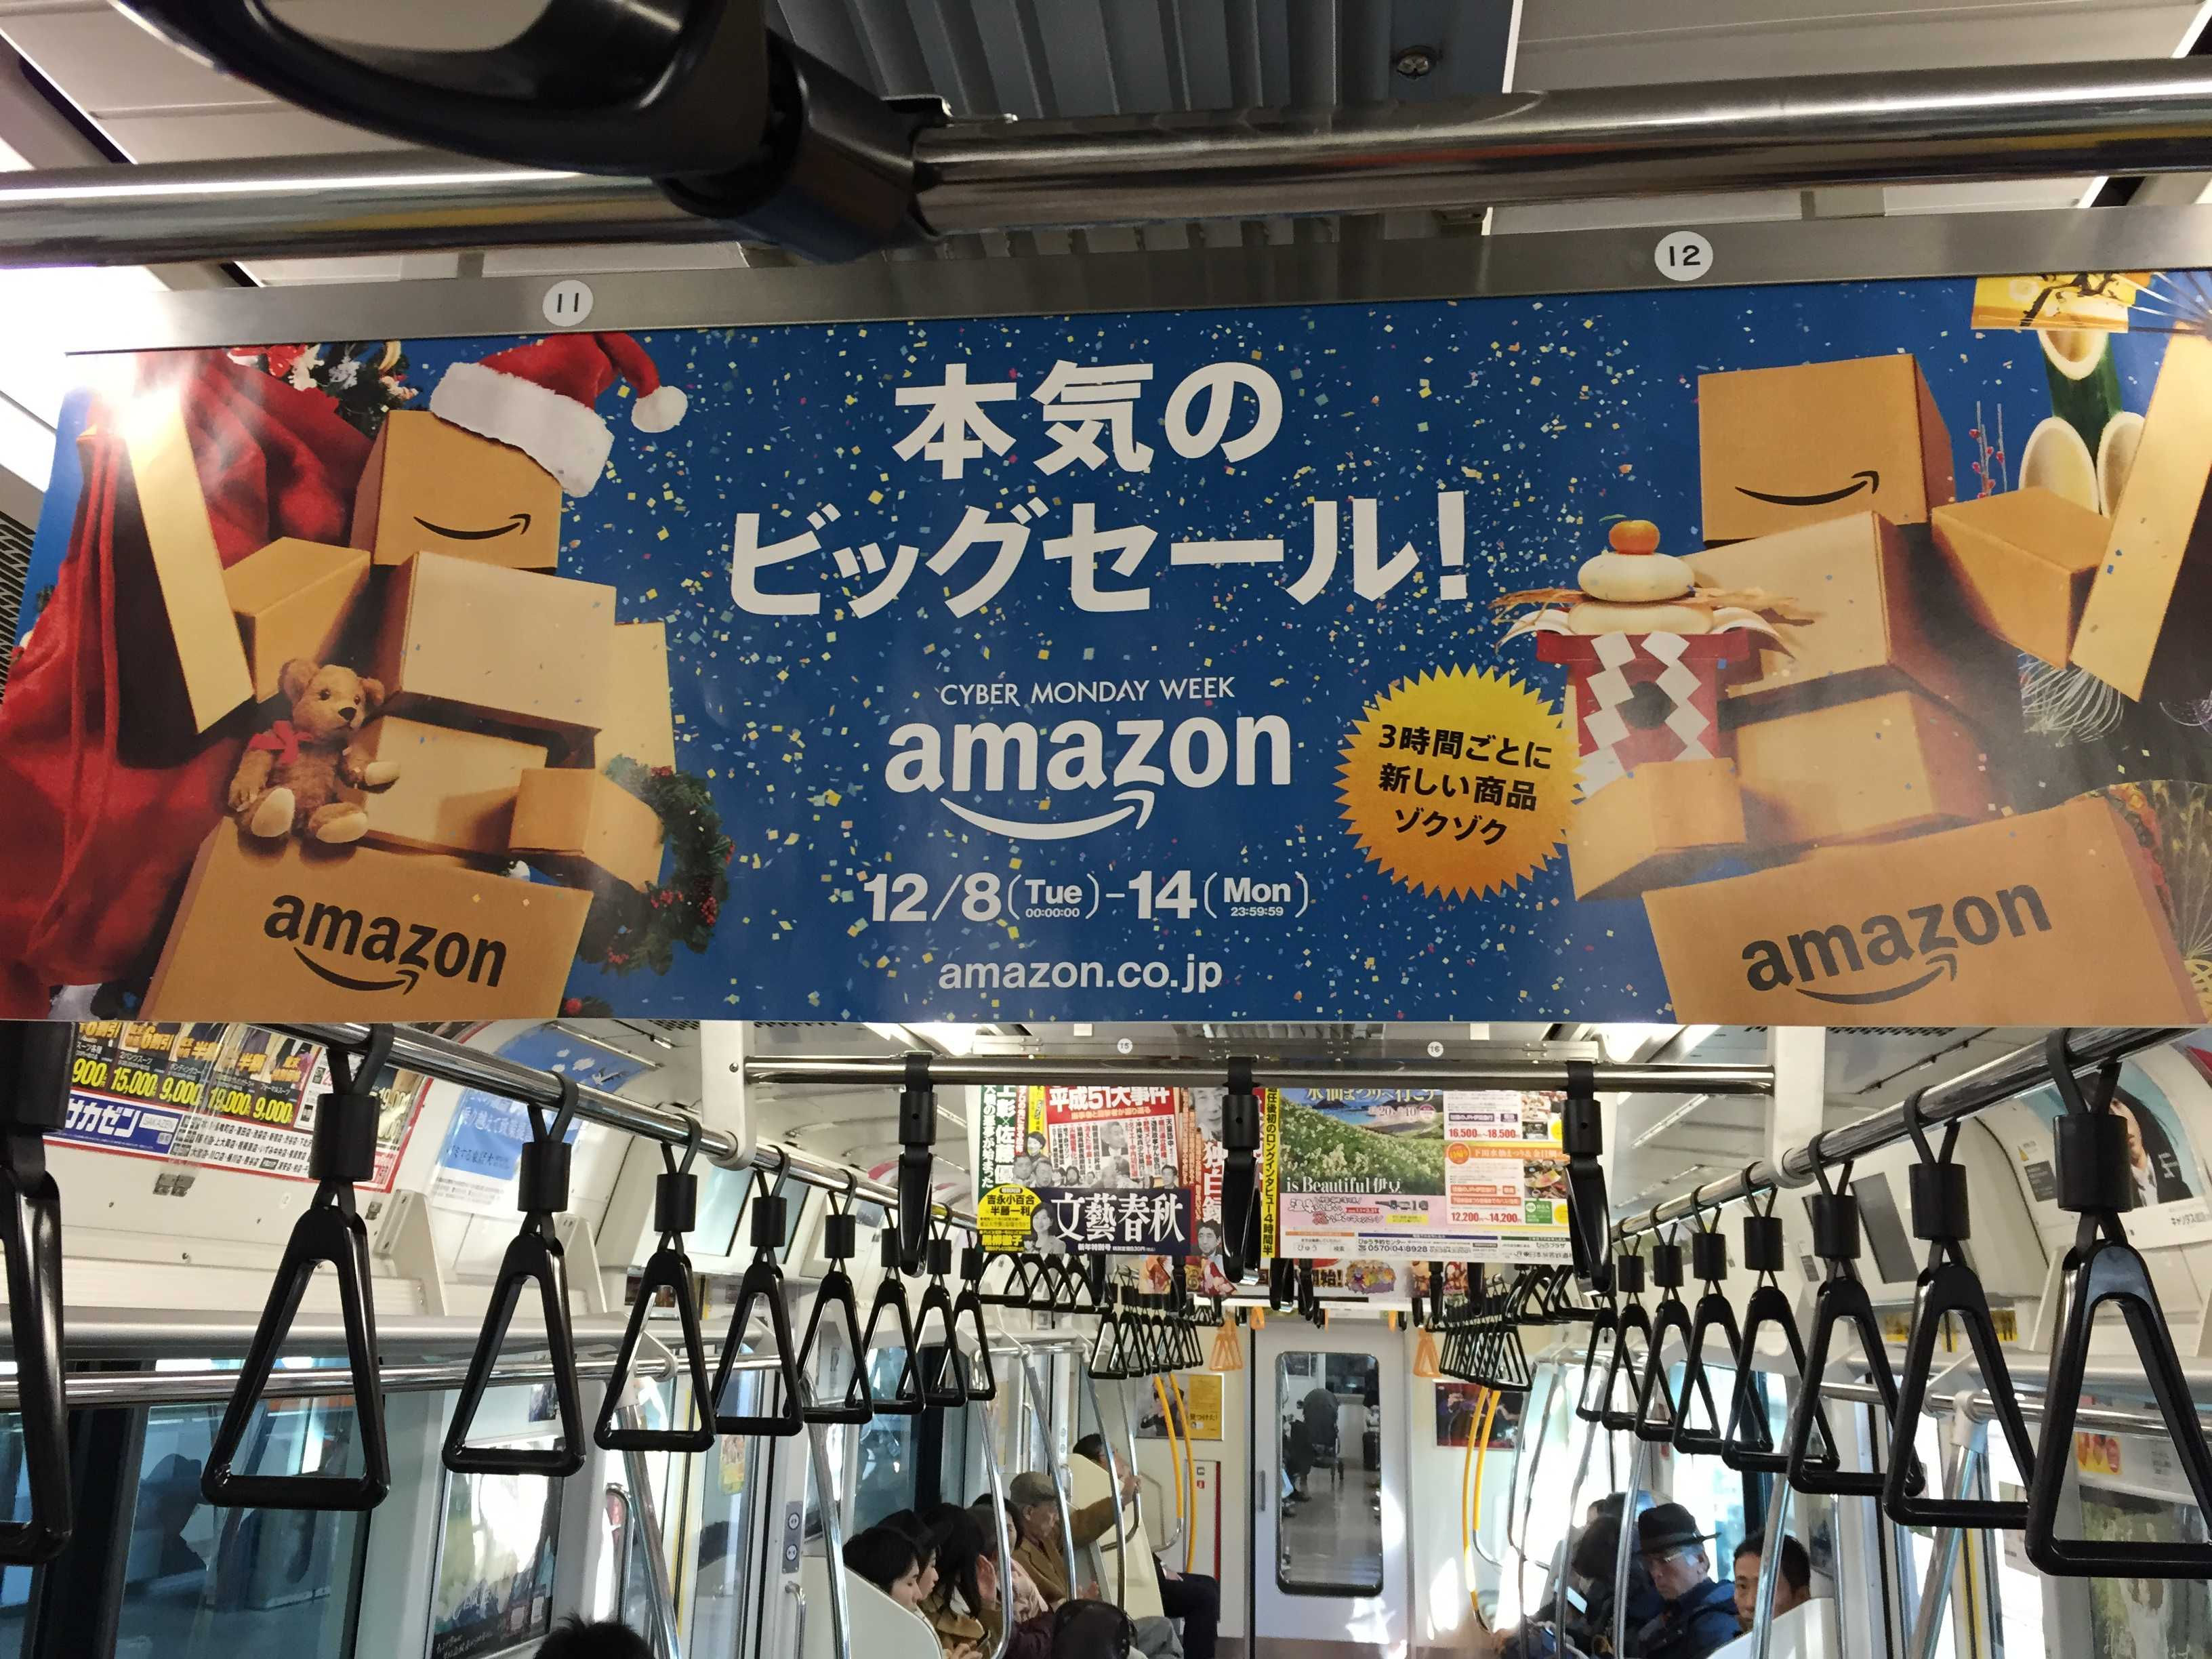 アマゾン(Amazon)の中吊り広告